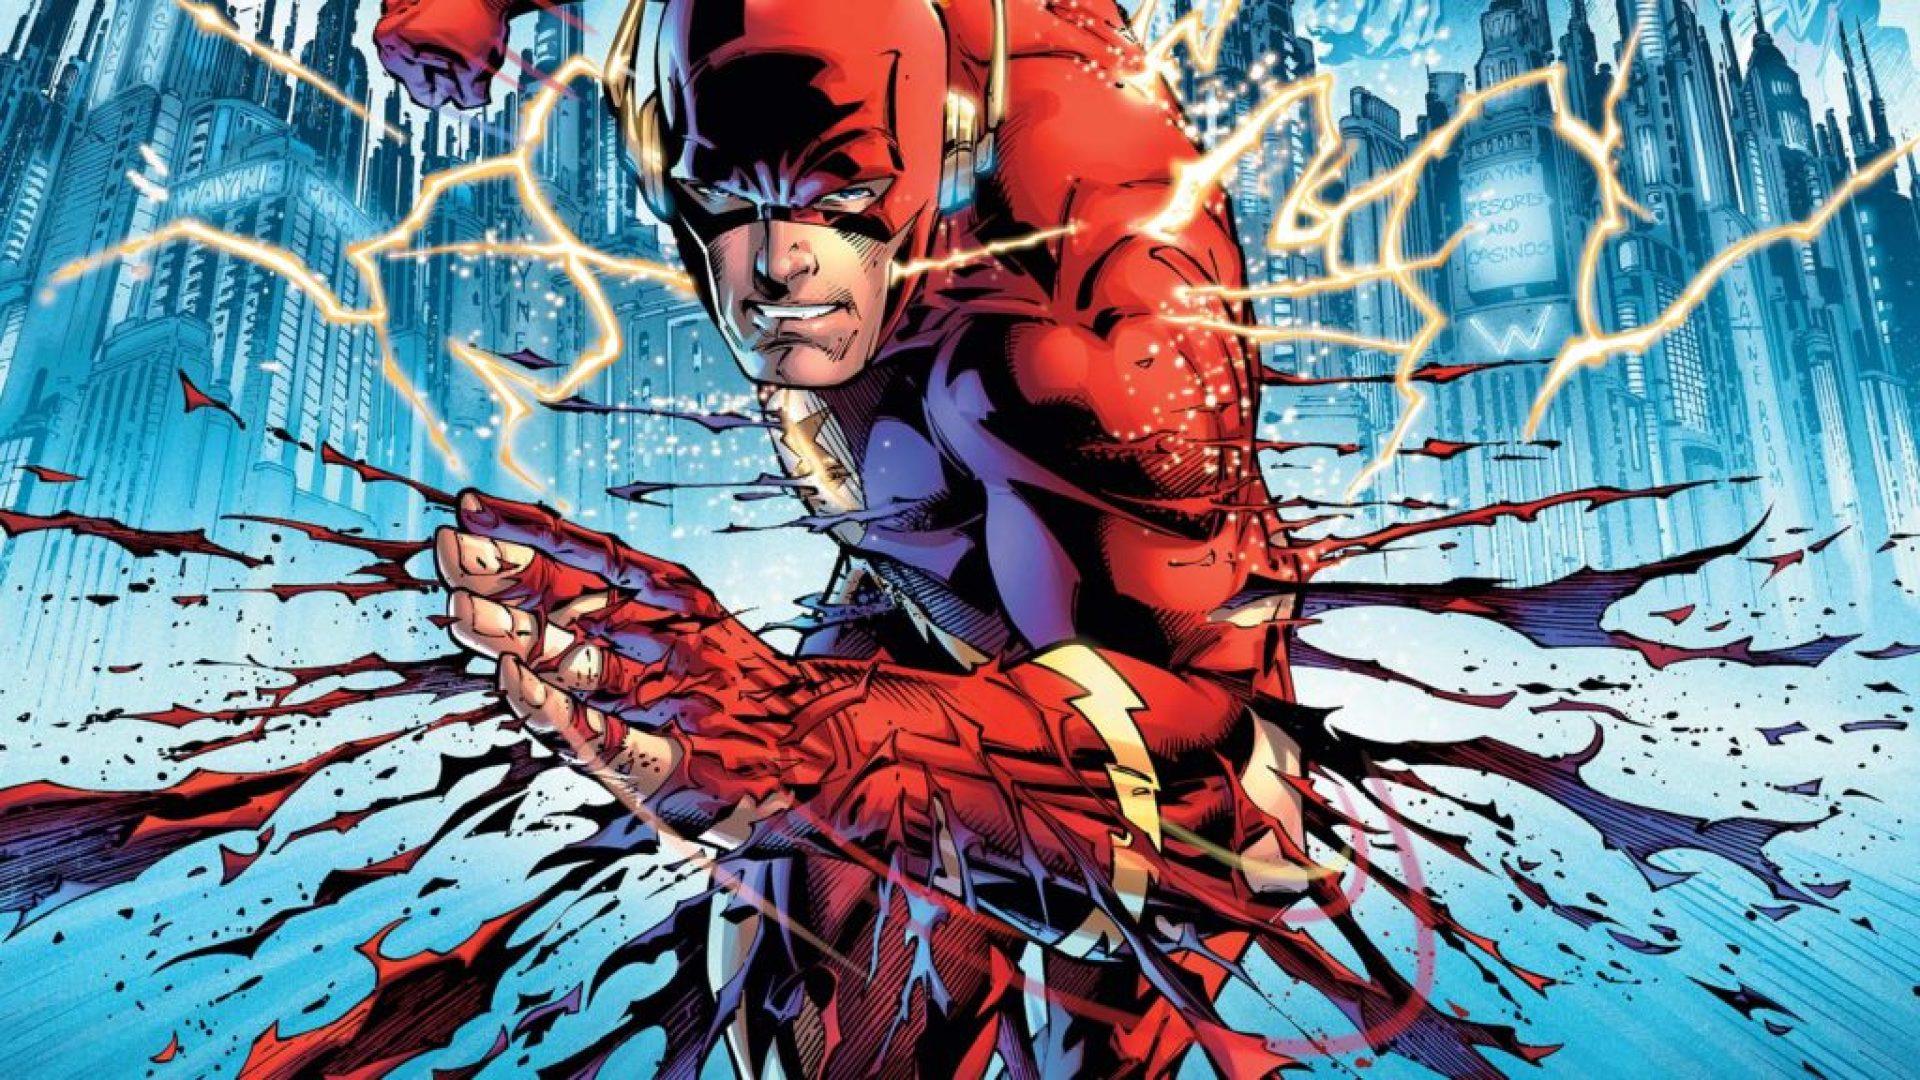 Barry Allen runs in flashpoint